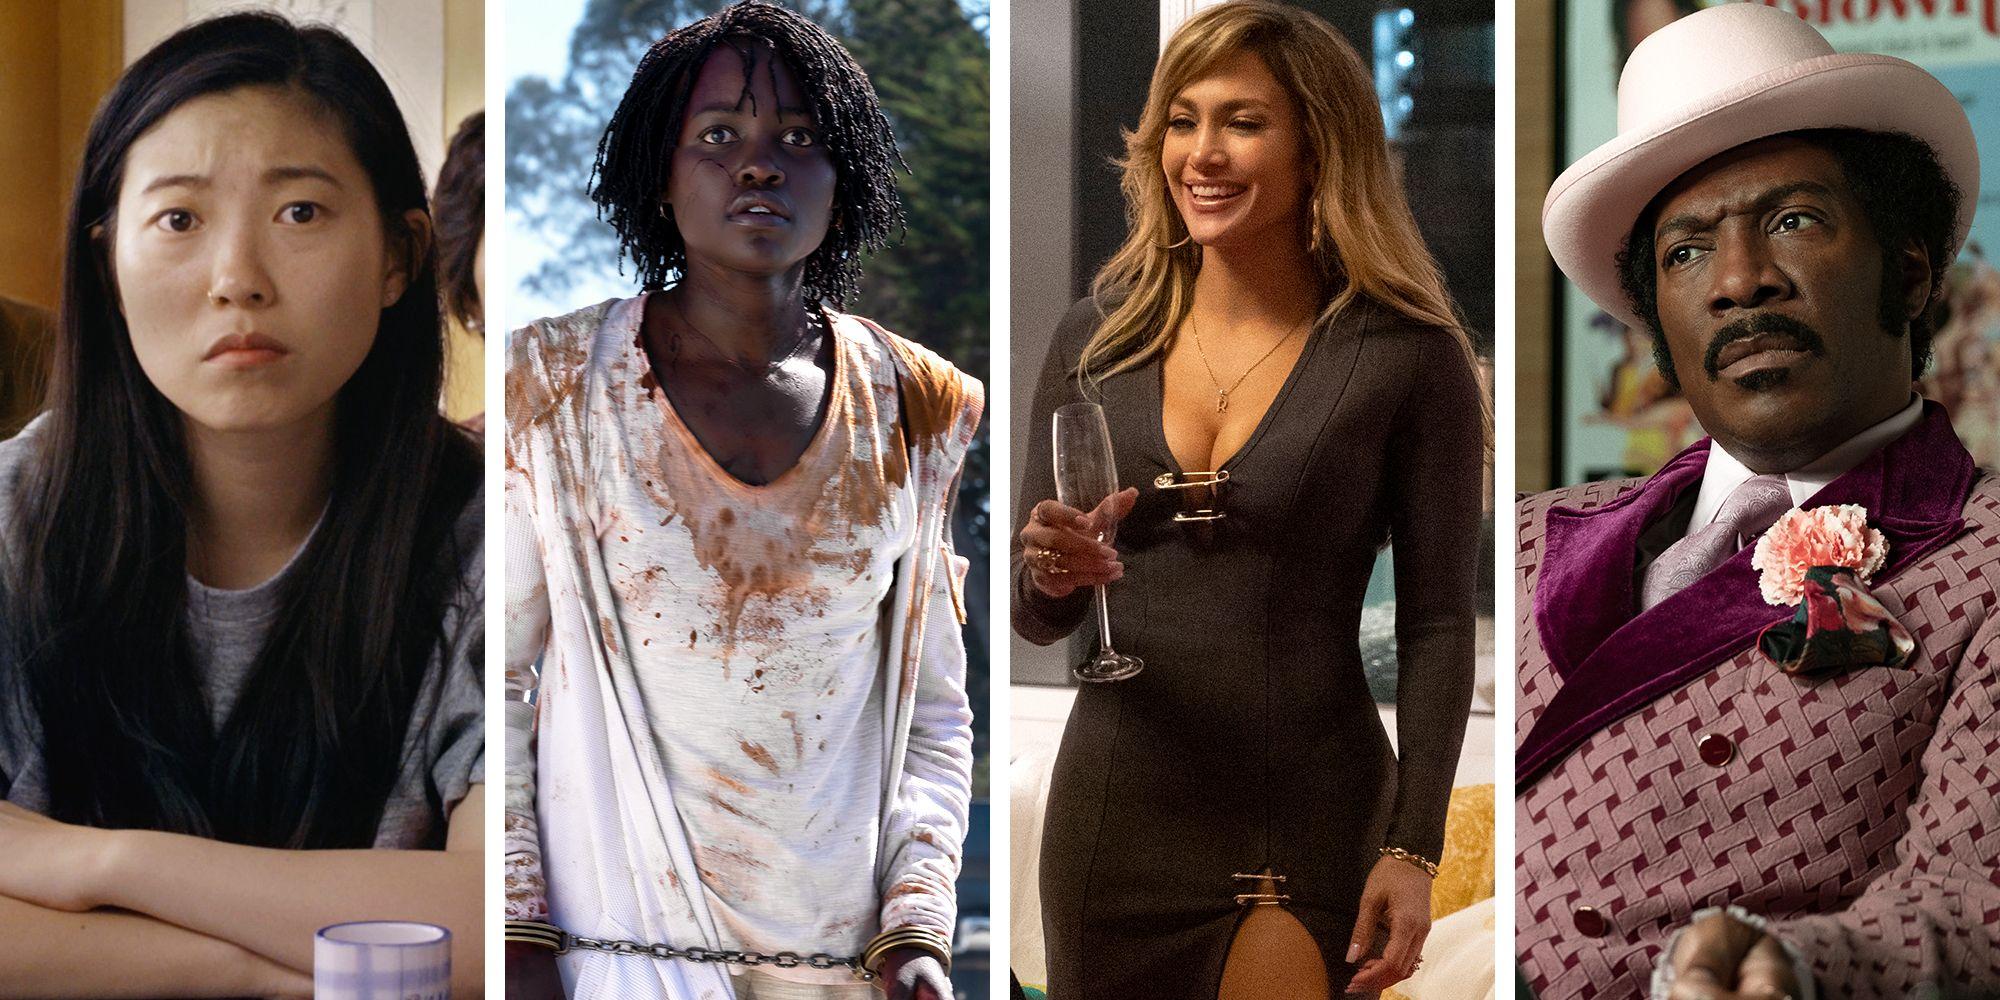 Oscary zbyt białe i zbyt męskie? Kontrowersje i zaskoczenia nominacji za rok 2019